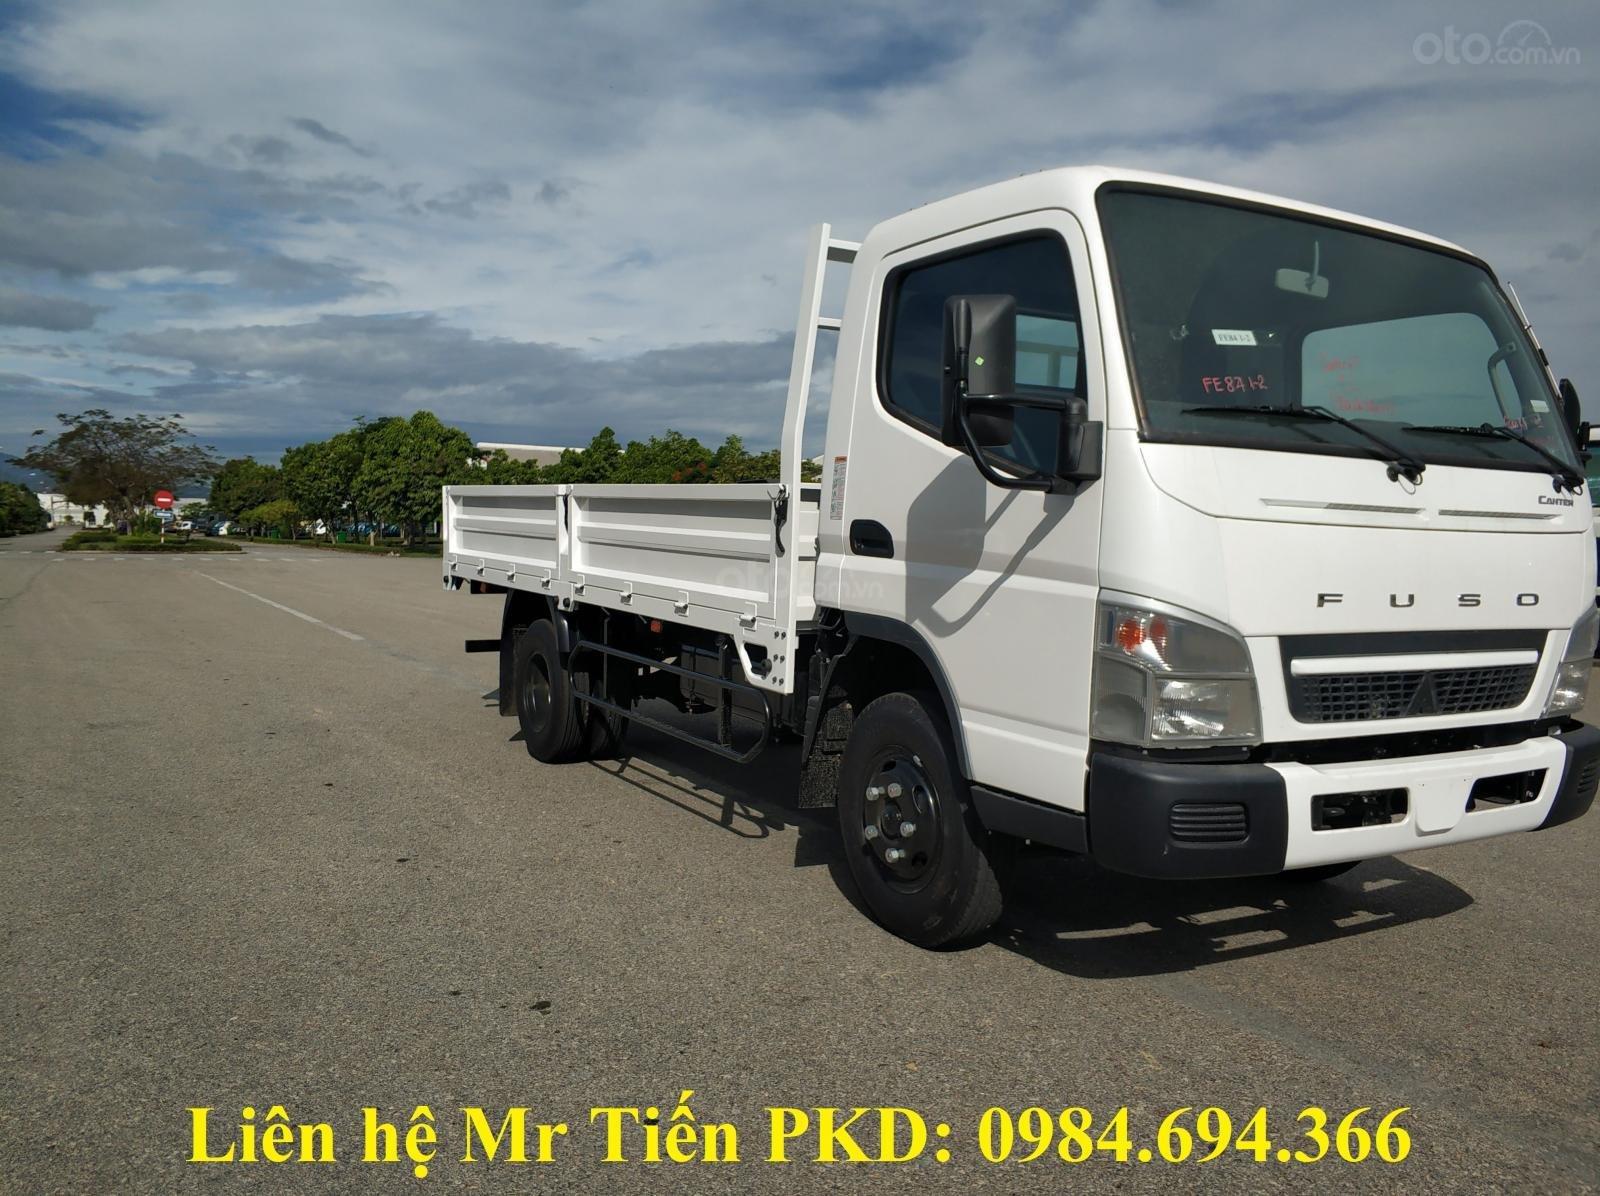 Bán xe tải nhập khẩu Mitsubishi Canter 6.5 tải 3.4 tấn, thùng dài 4.3m, hỗ trợ trả góp 80% (6)